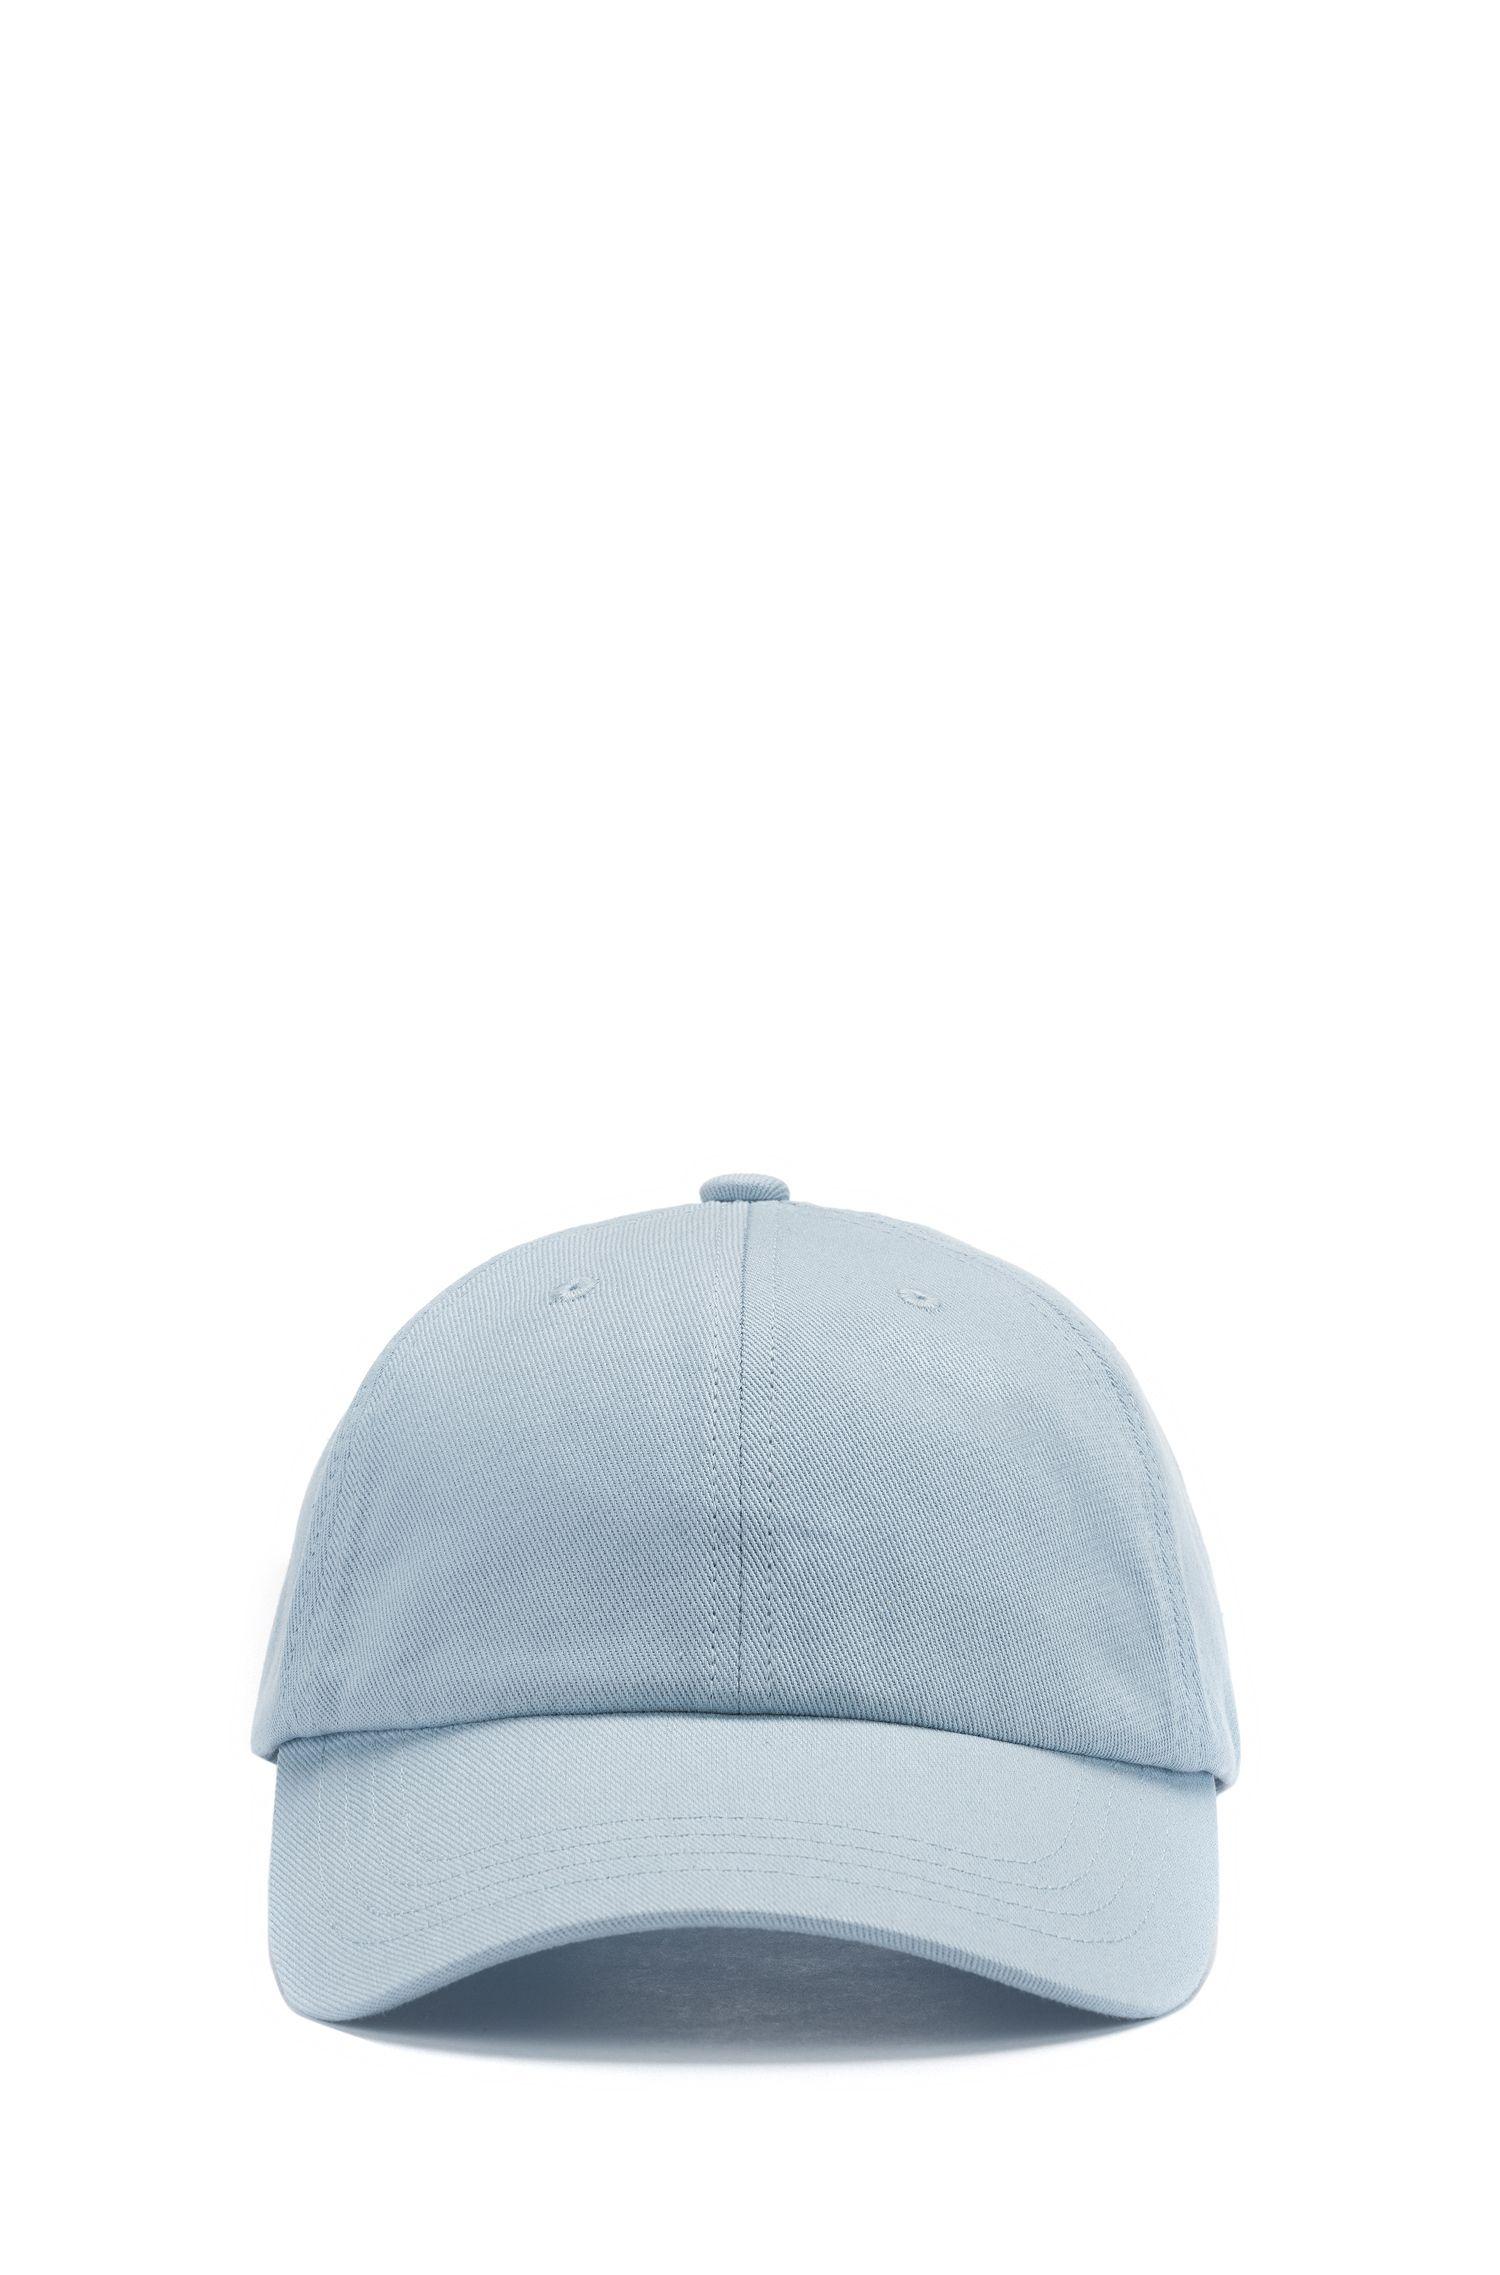 Verstellbare Cap aus Baumwoll-Twill mit gesticktem Reversed-Logo, Hellblau